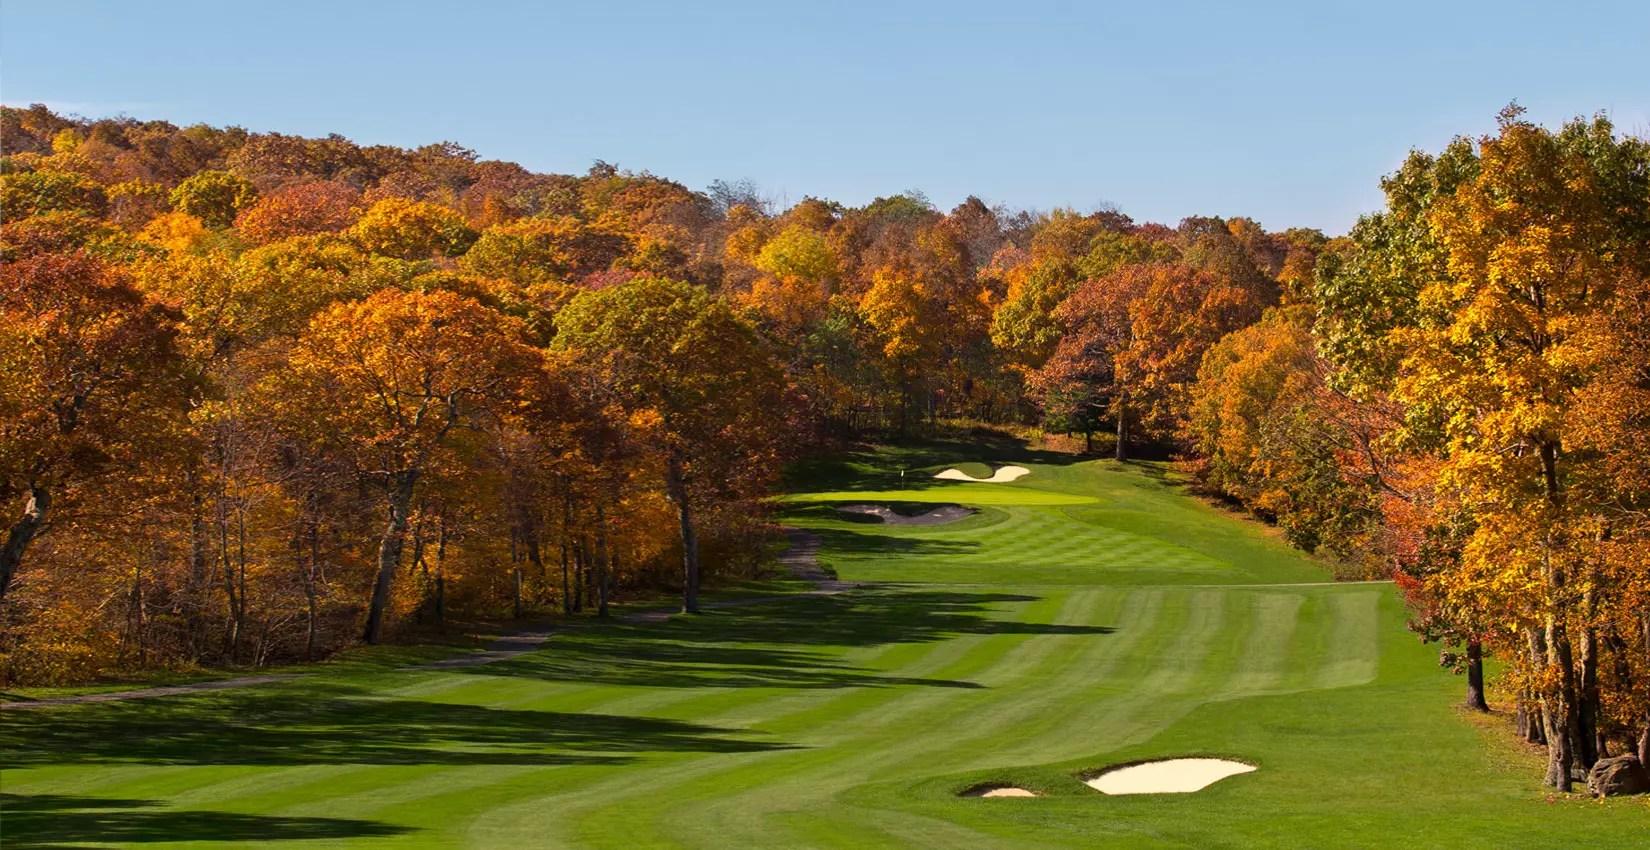 Maine Fall Foliage Wallpaper Fall Into Golf Getaway Parry Sound Tourism